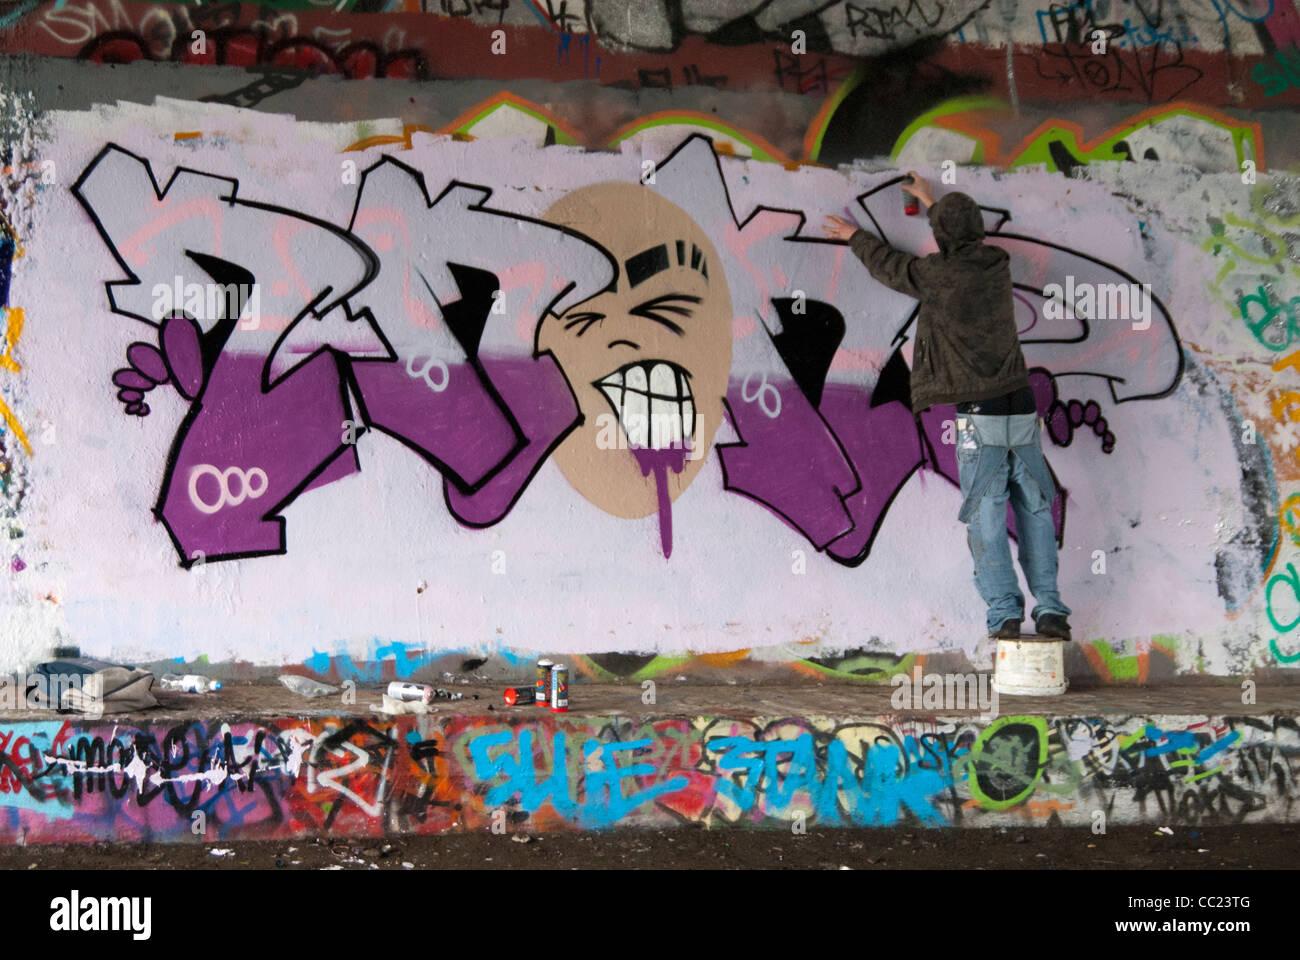 Spray Painting Stock Photos & Spray Painting Stock Images - Alamy on